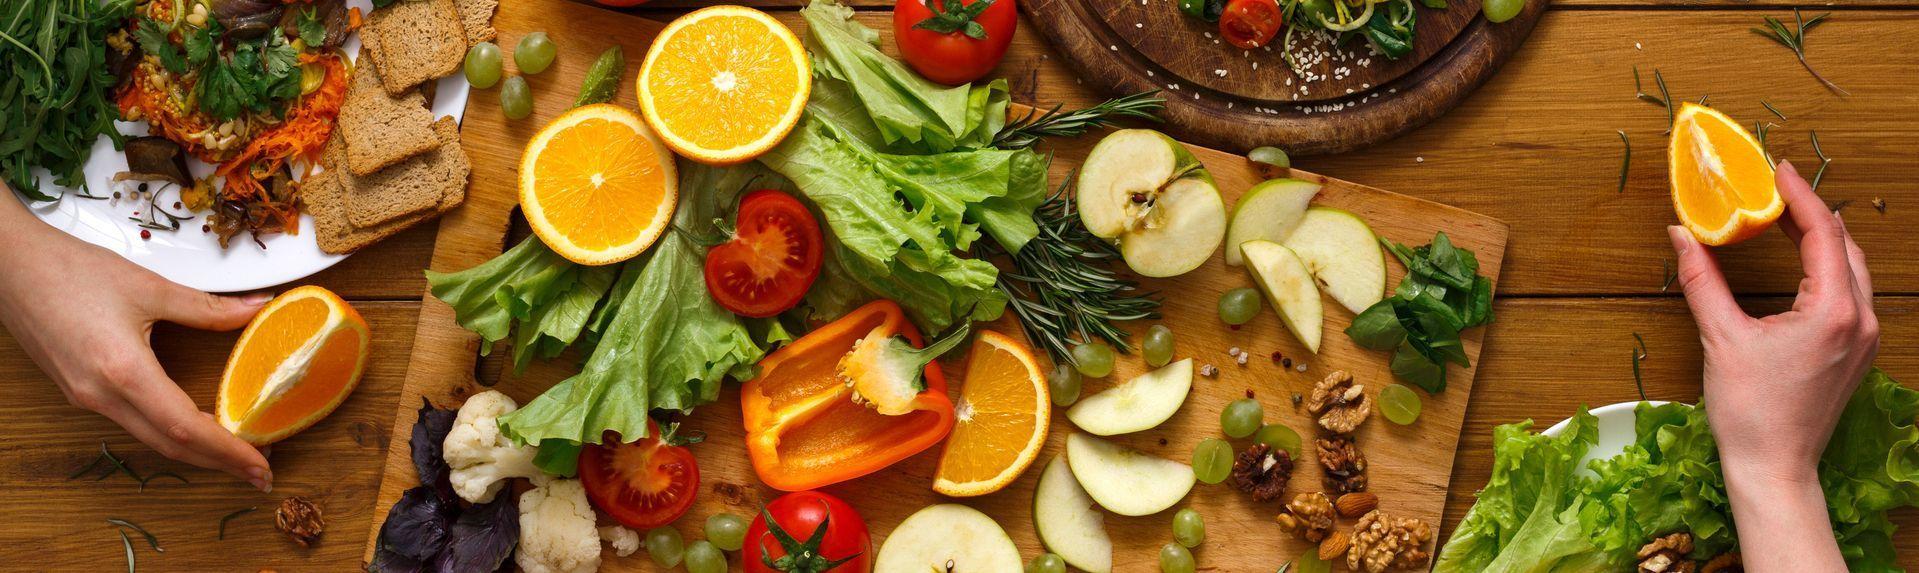 Ухудшение метаболизма: почему питаться правильно не только полезно, но и крайне важно?